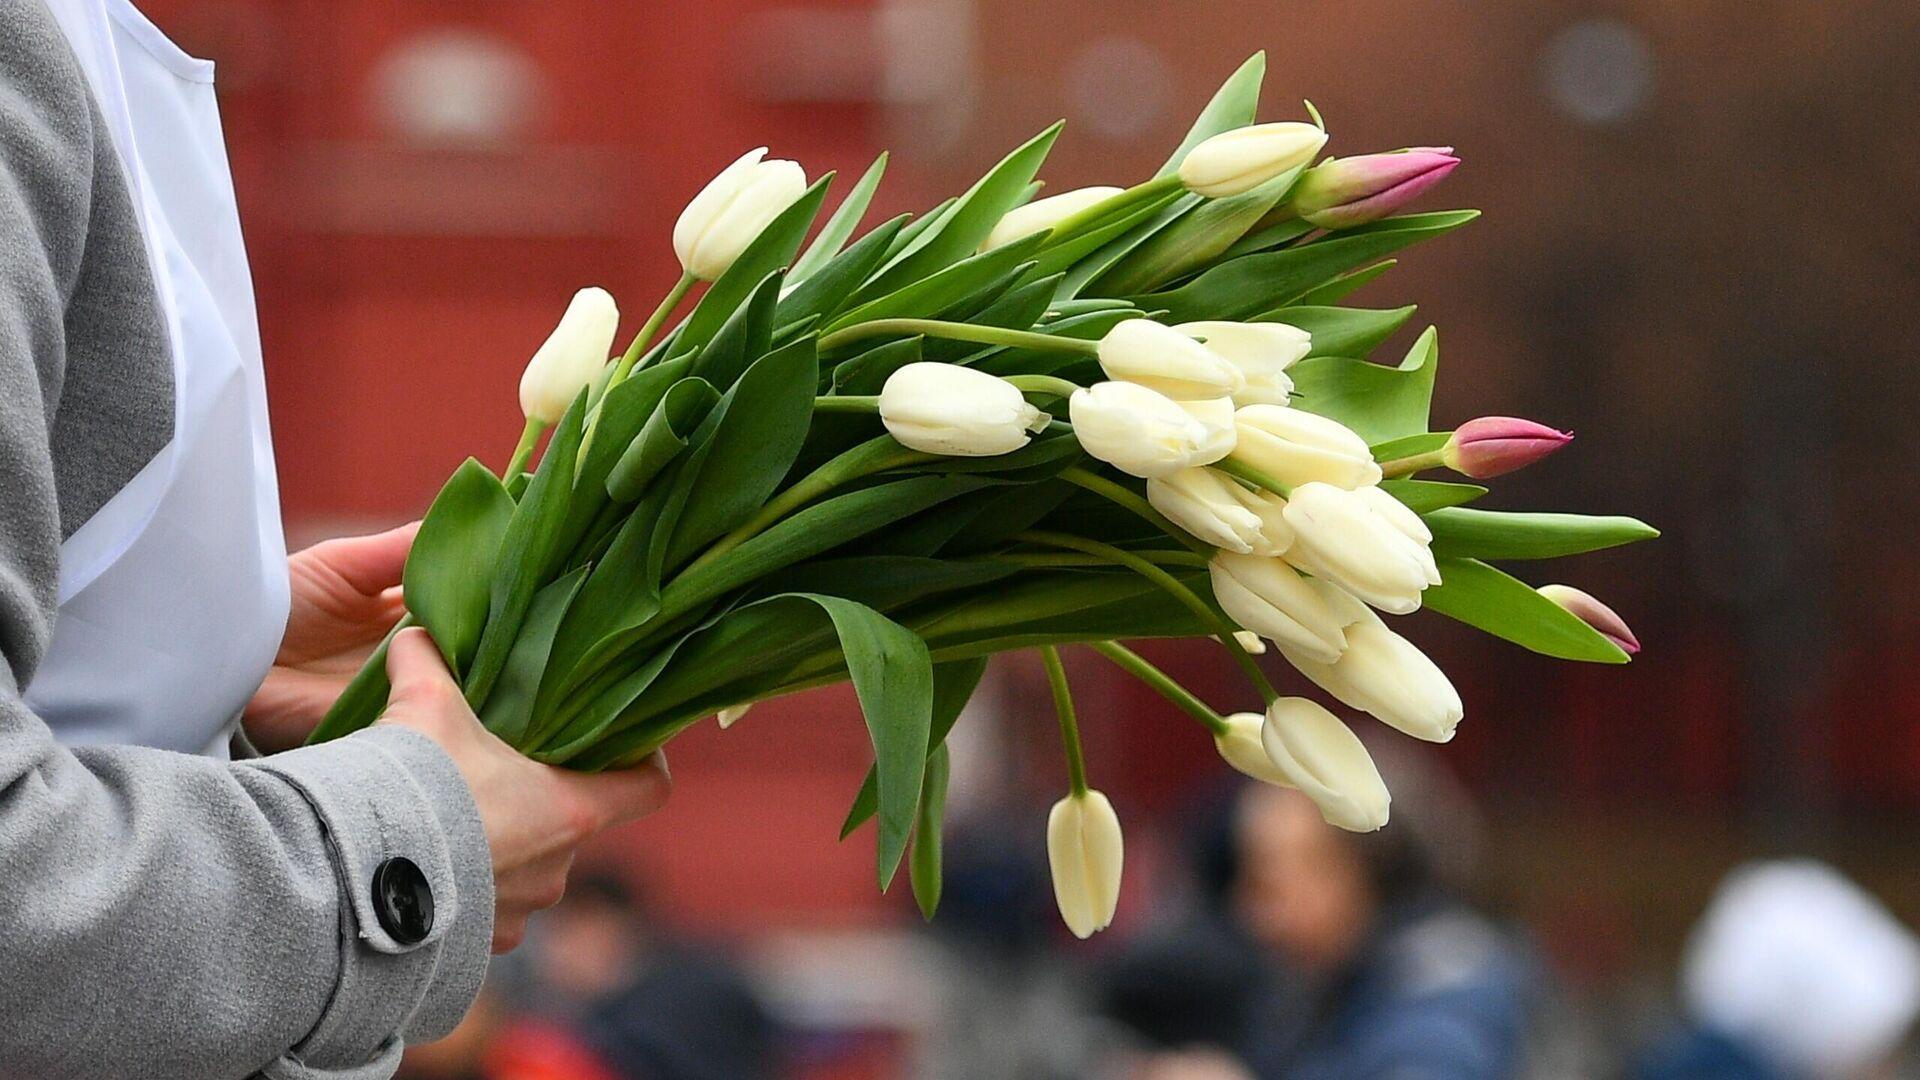 Празднование Международного женского дня в Москве - РИА Новости, 1920, 08.09.2020